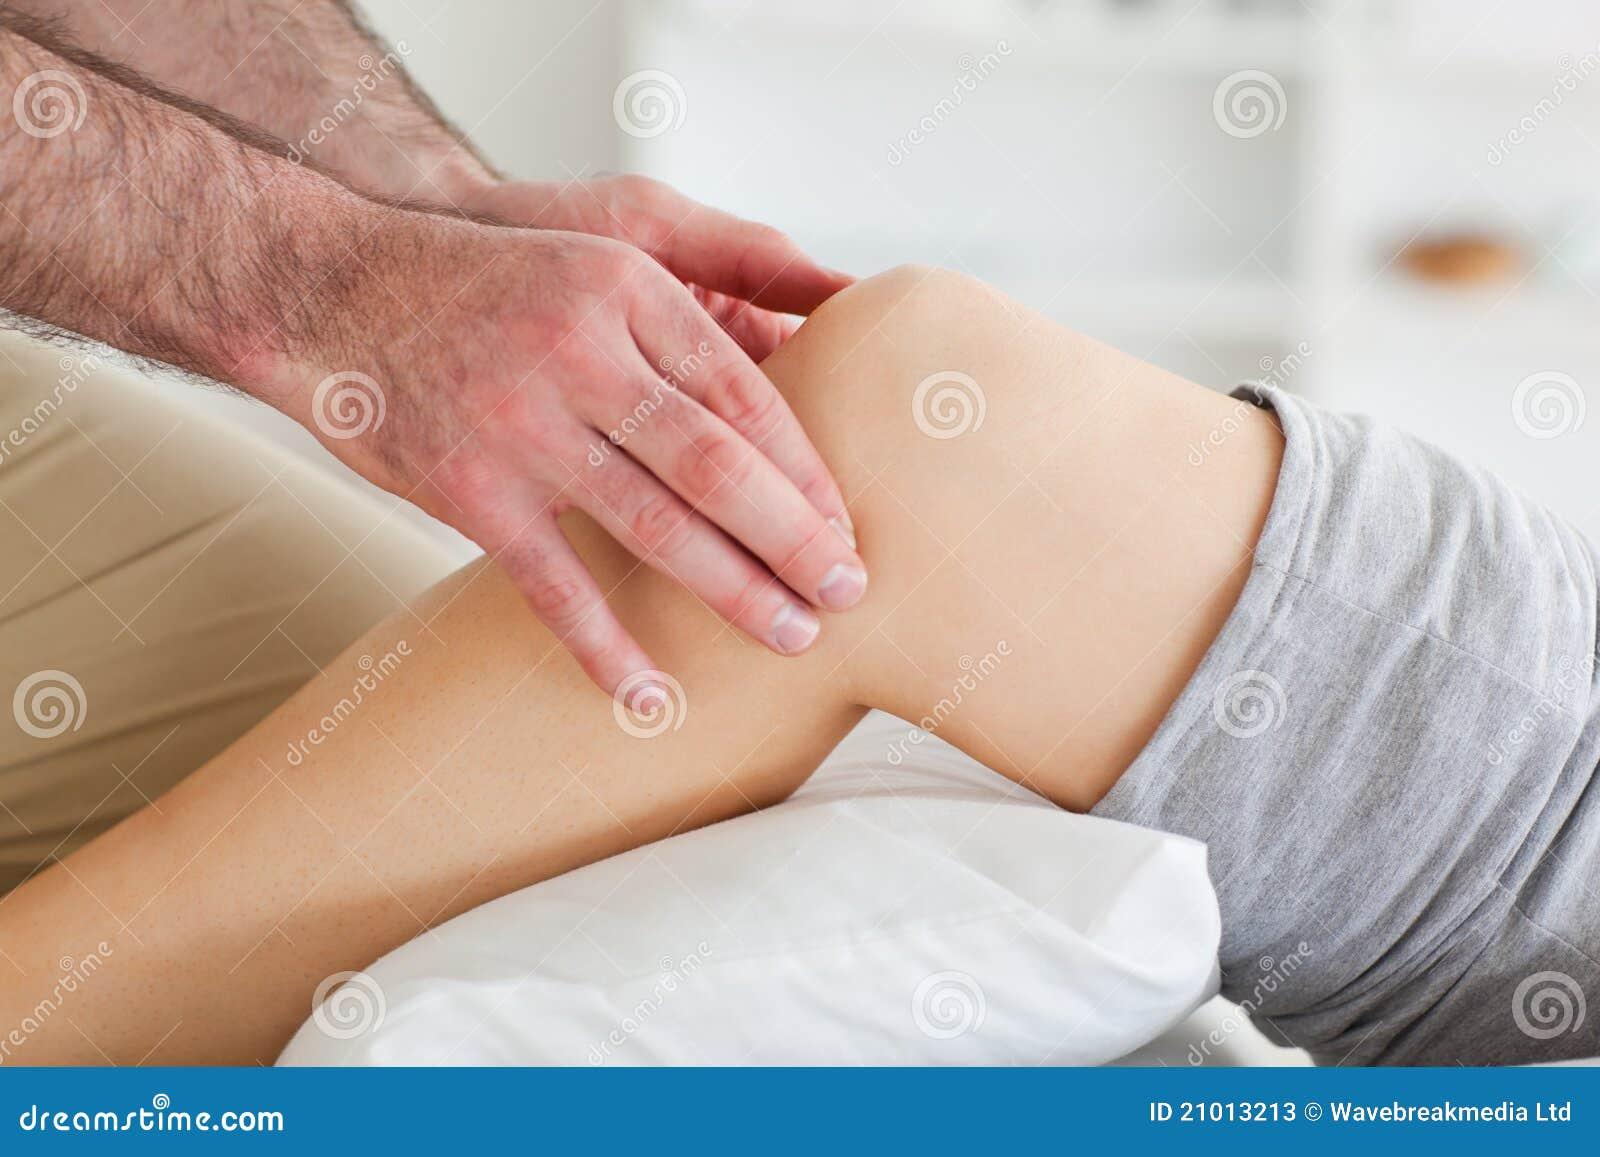 massagens net pt encontros mulheres